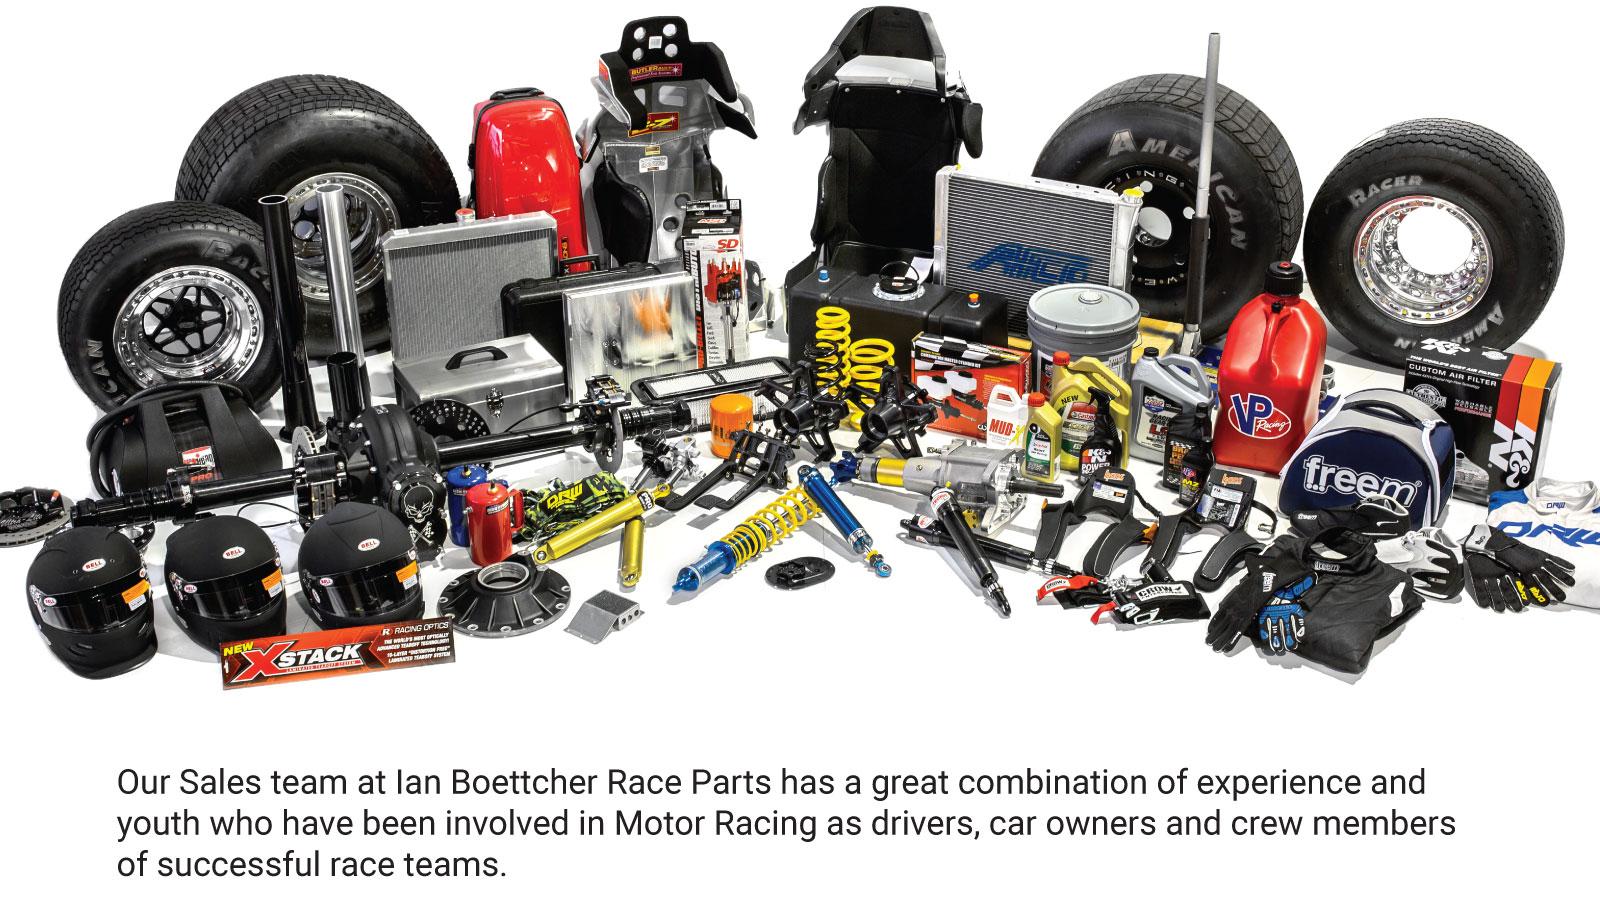 Motorsport Fuels - A Division of Ian Boettcher Race Parts